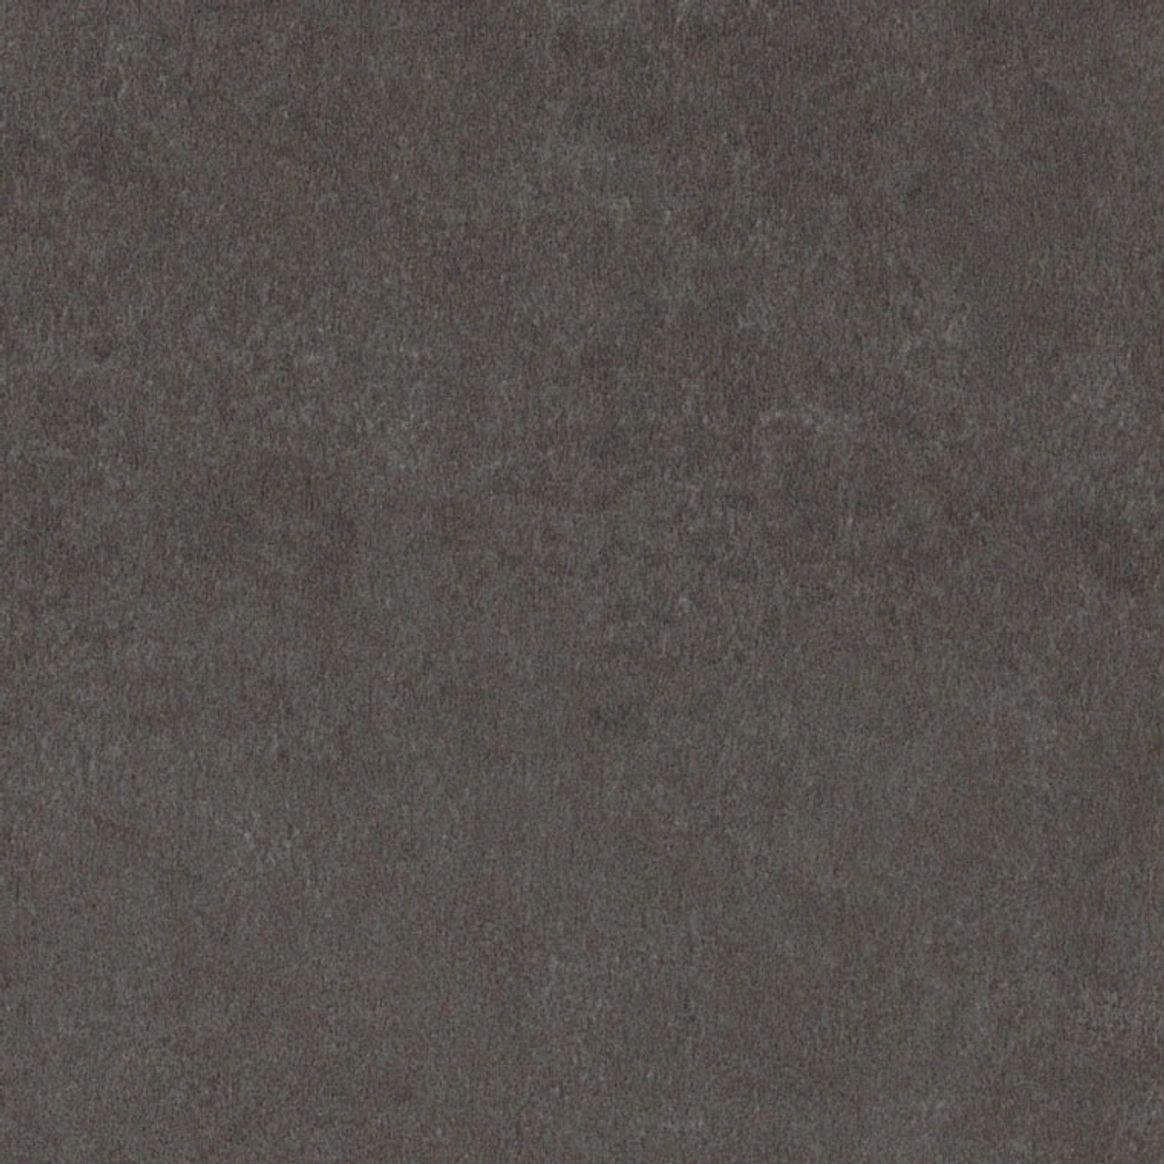 Diffusion Charcoal thumbnail